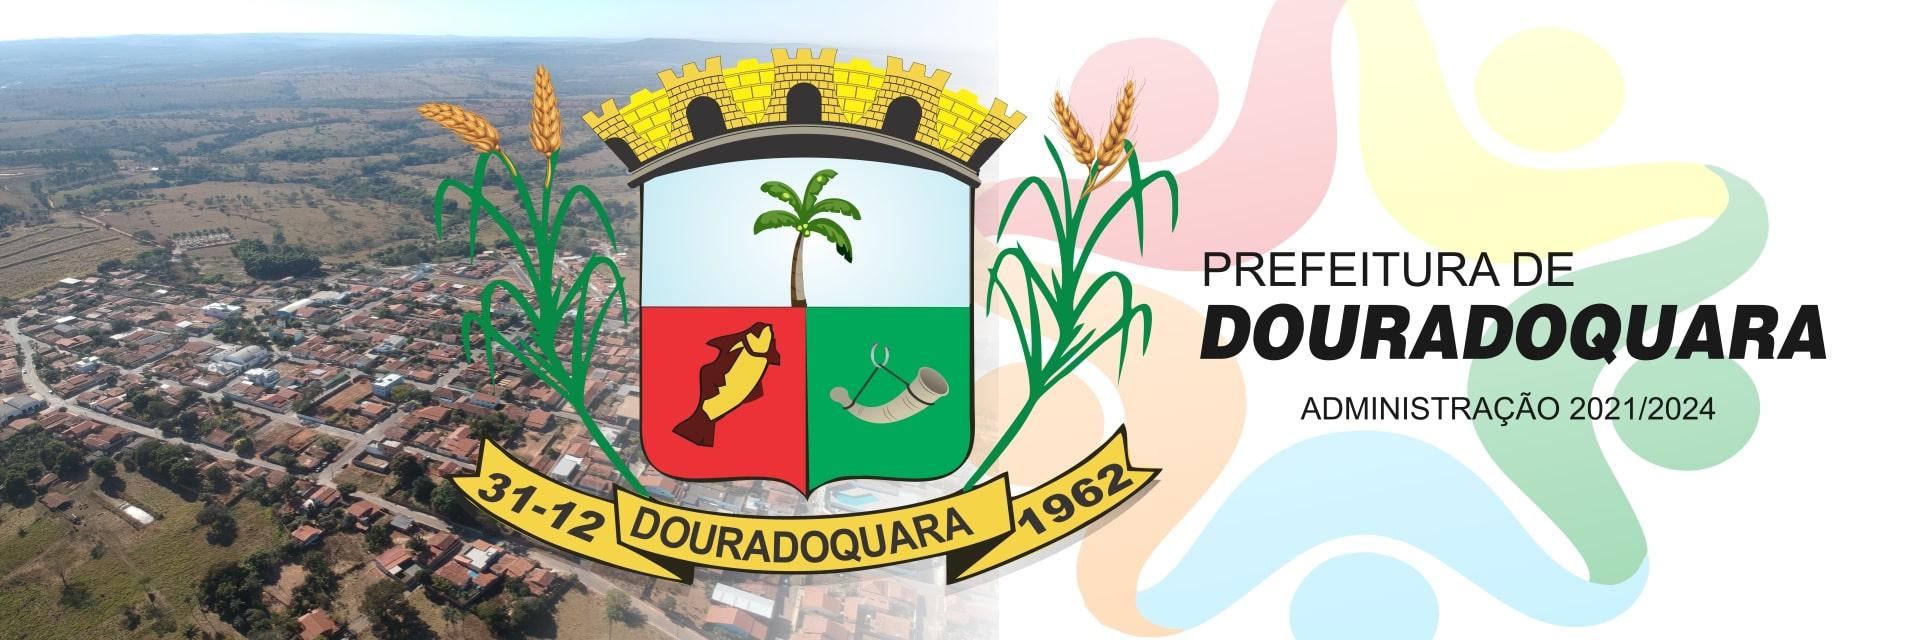 Slide Prefeitura de douradoquara